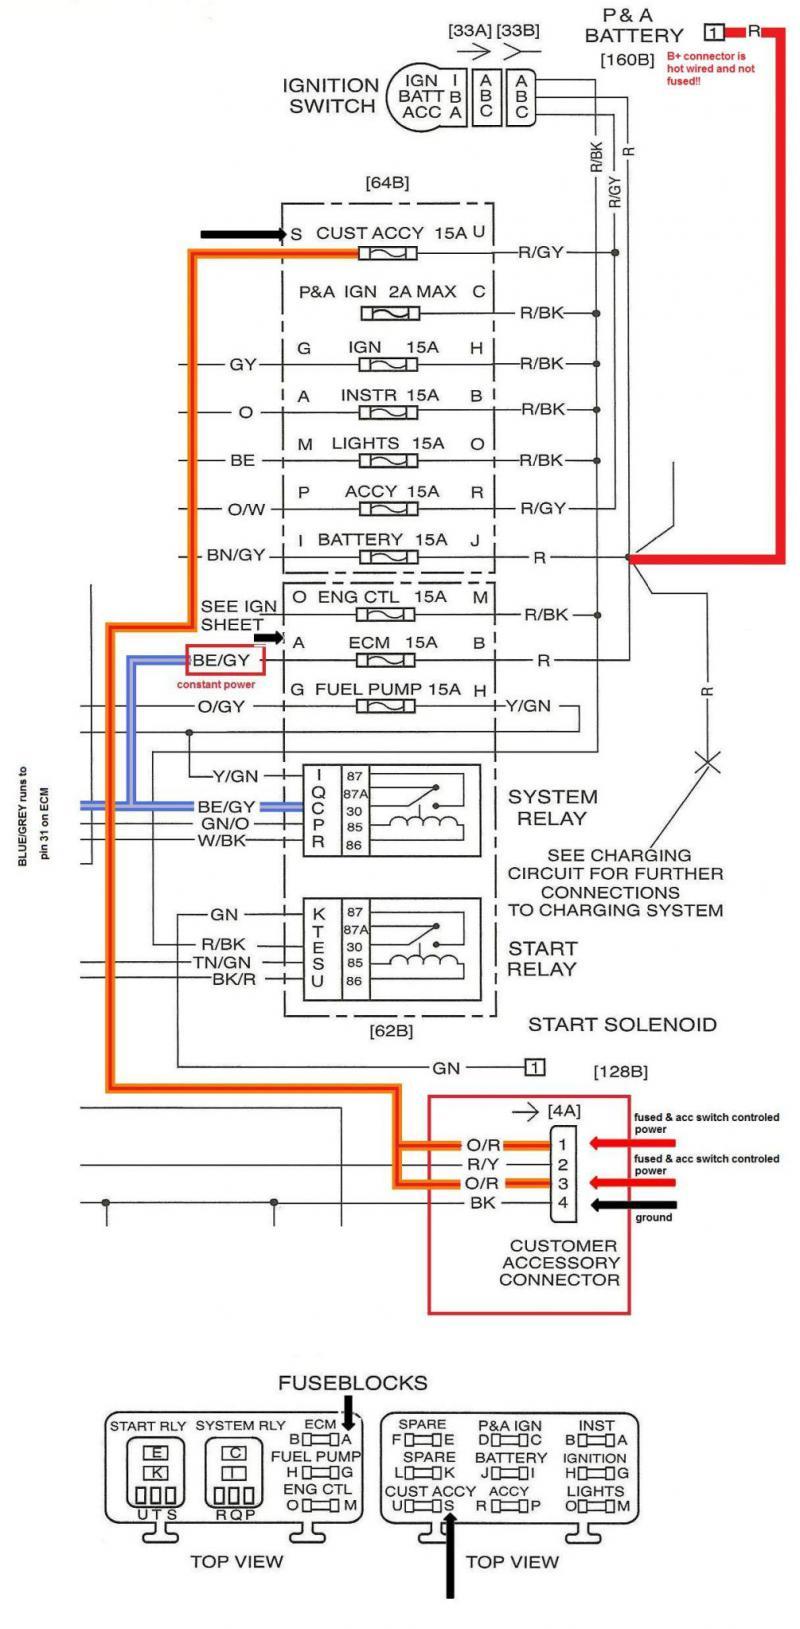 2006 Harley Wiring Diagram - Wiring Diagram Blog - Harley Davidson Wiring Diagram